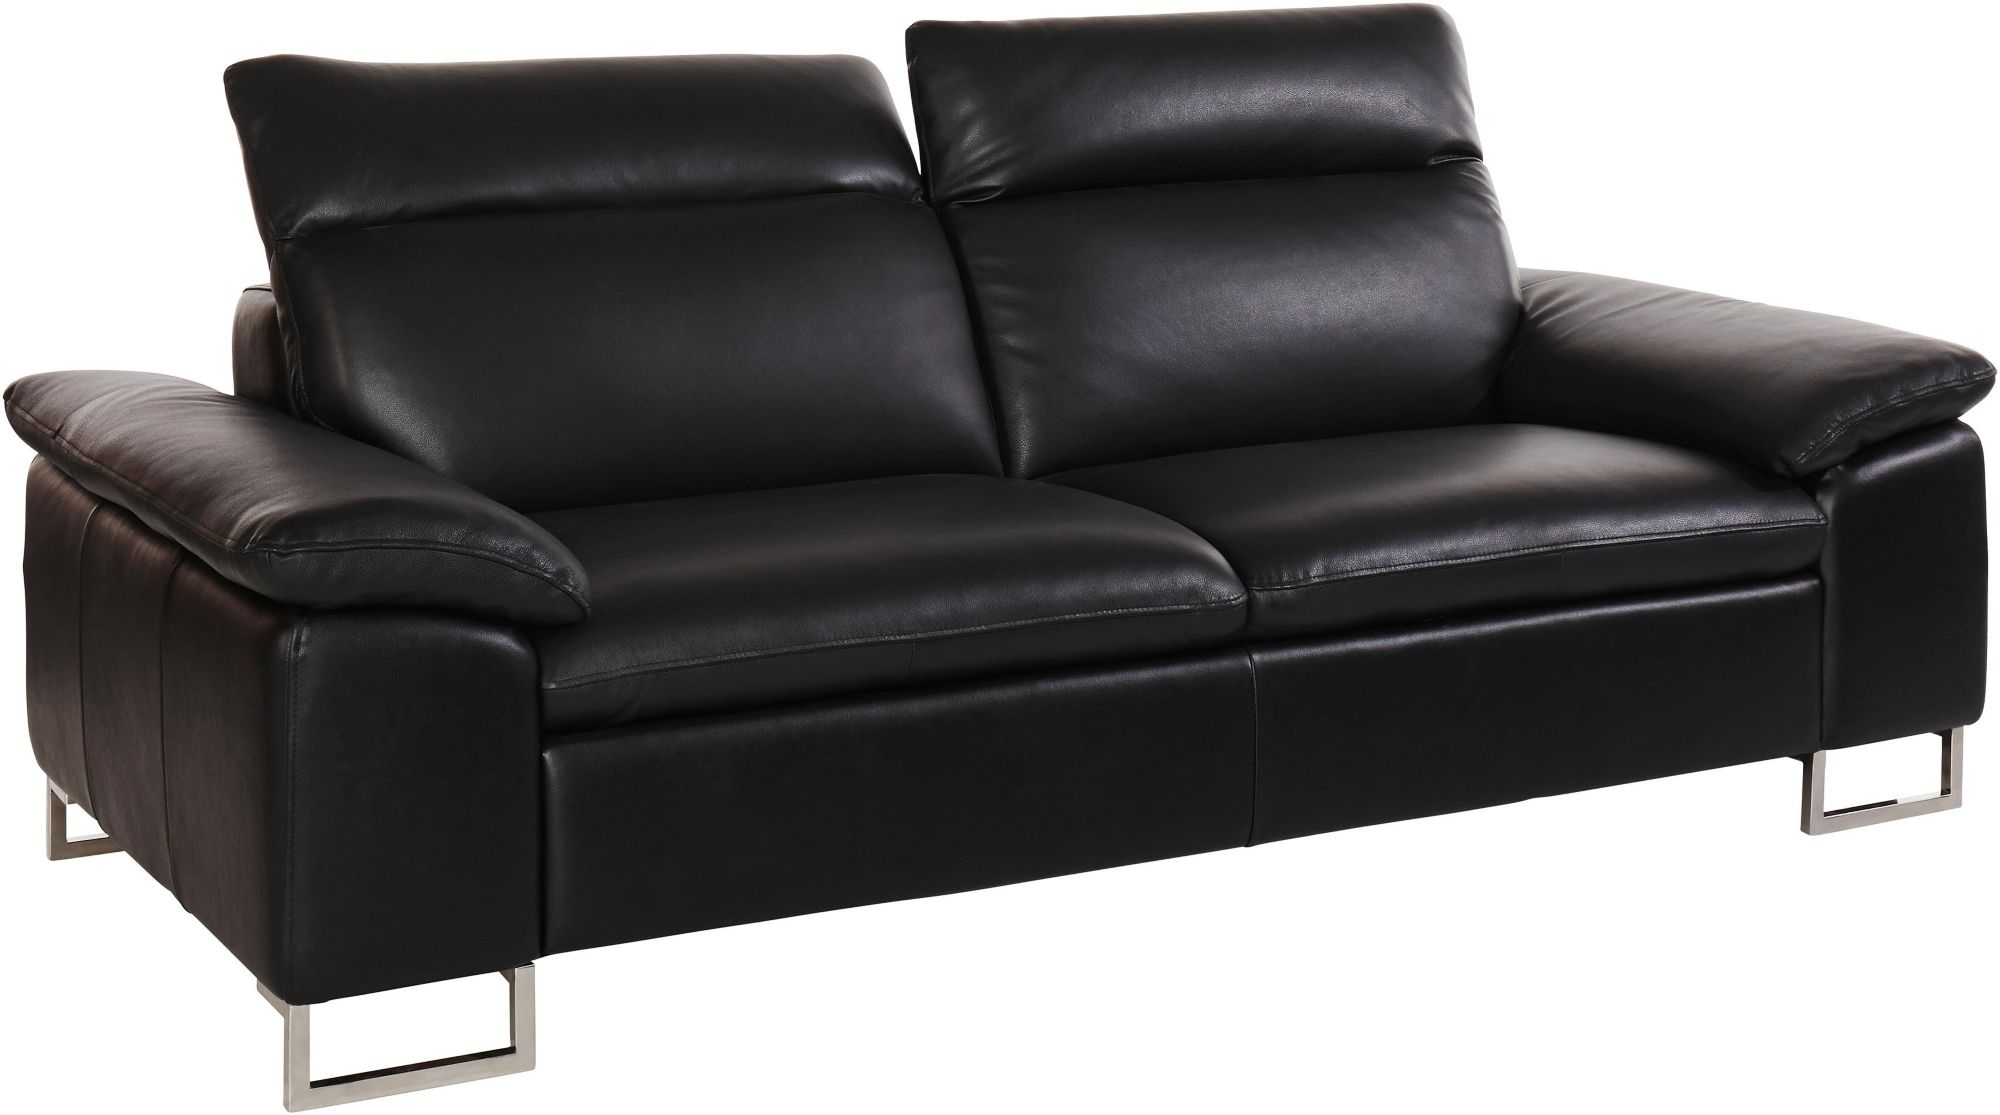 3-Sitzer